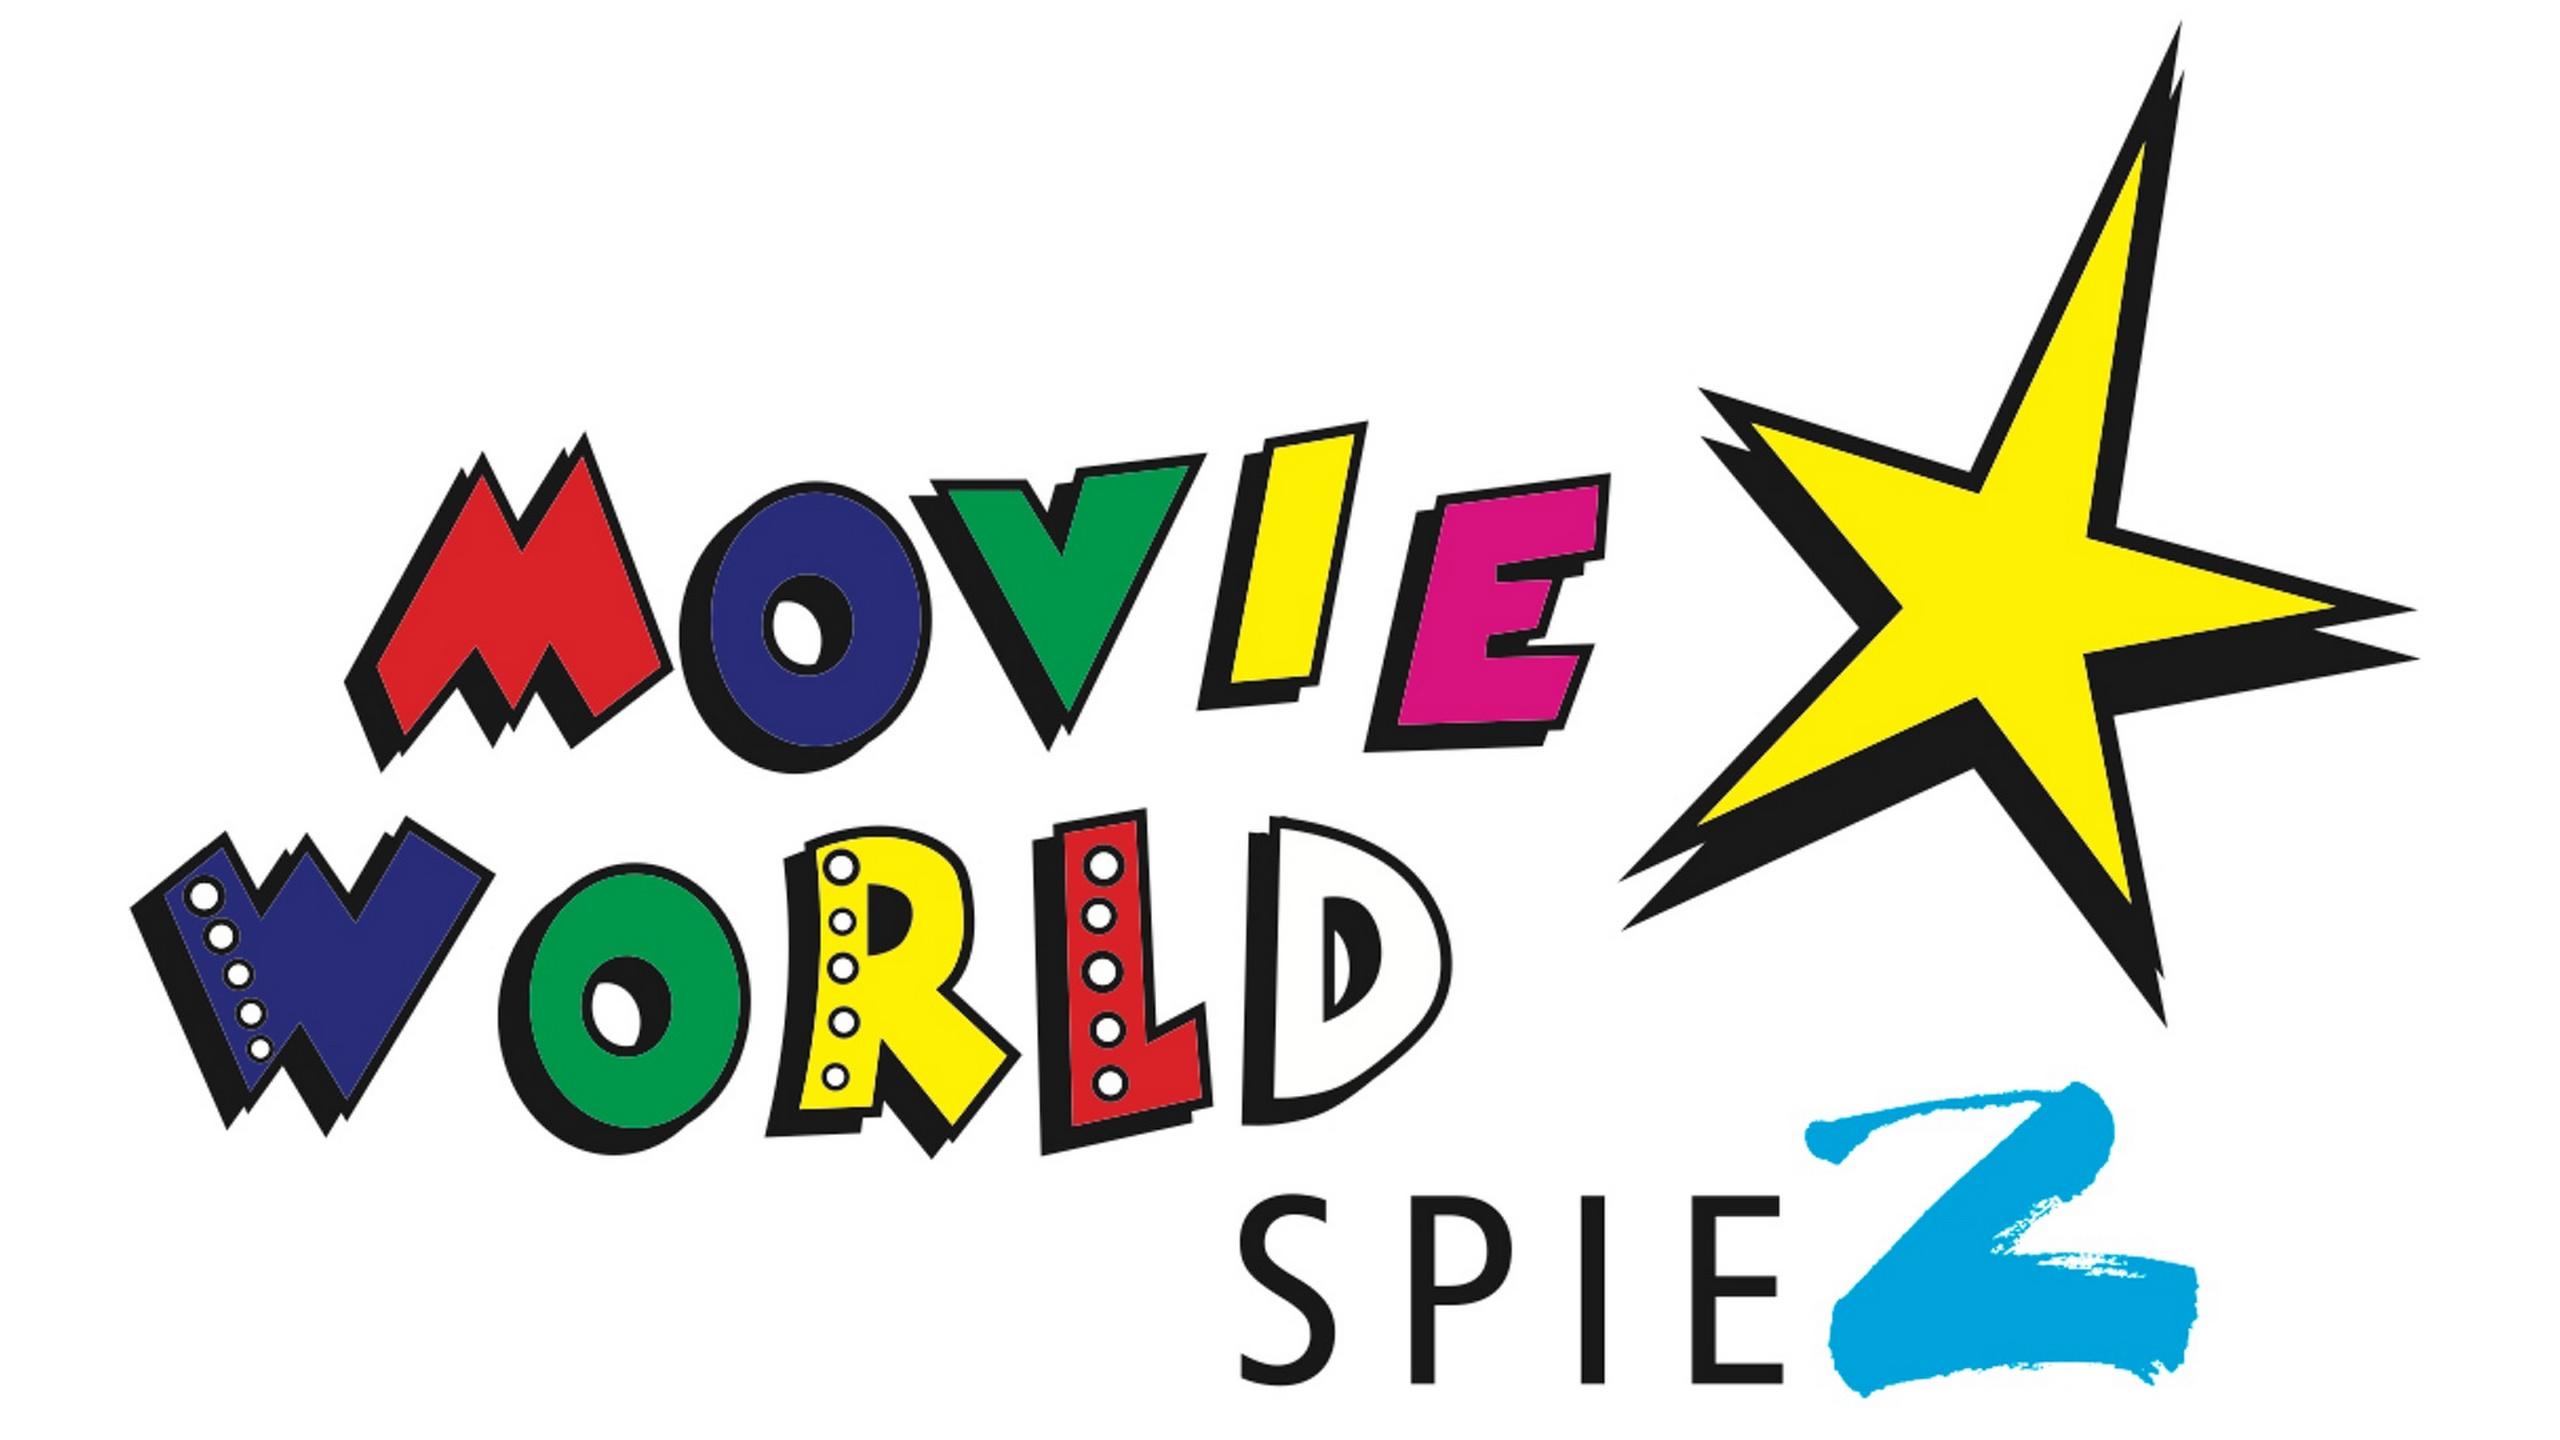 movieworld-spiez-logo